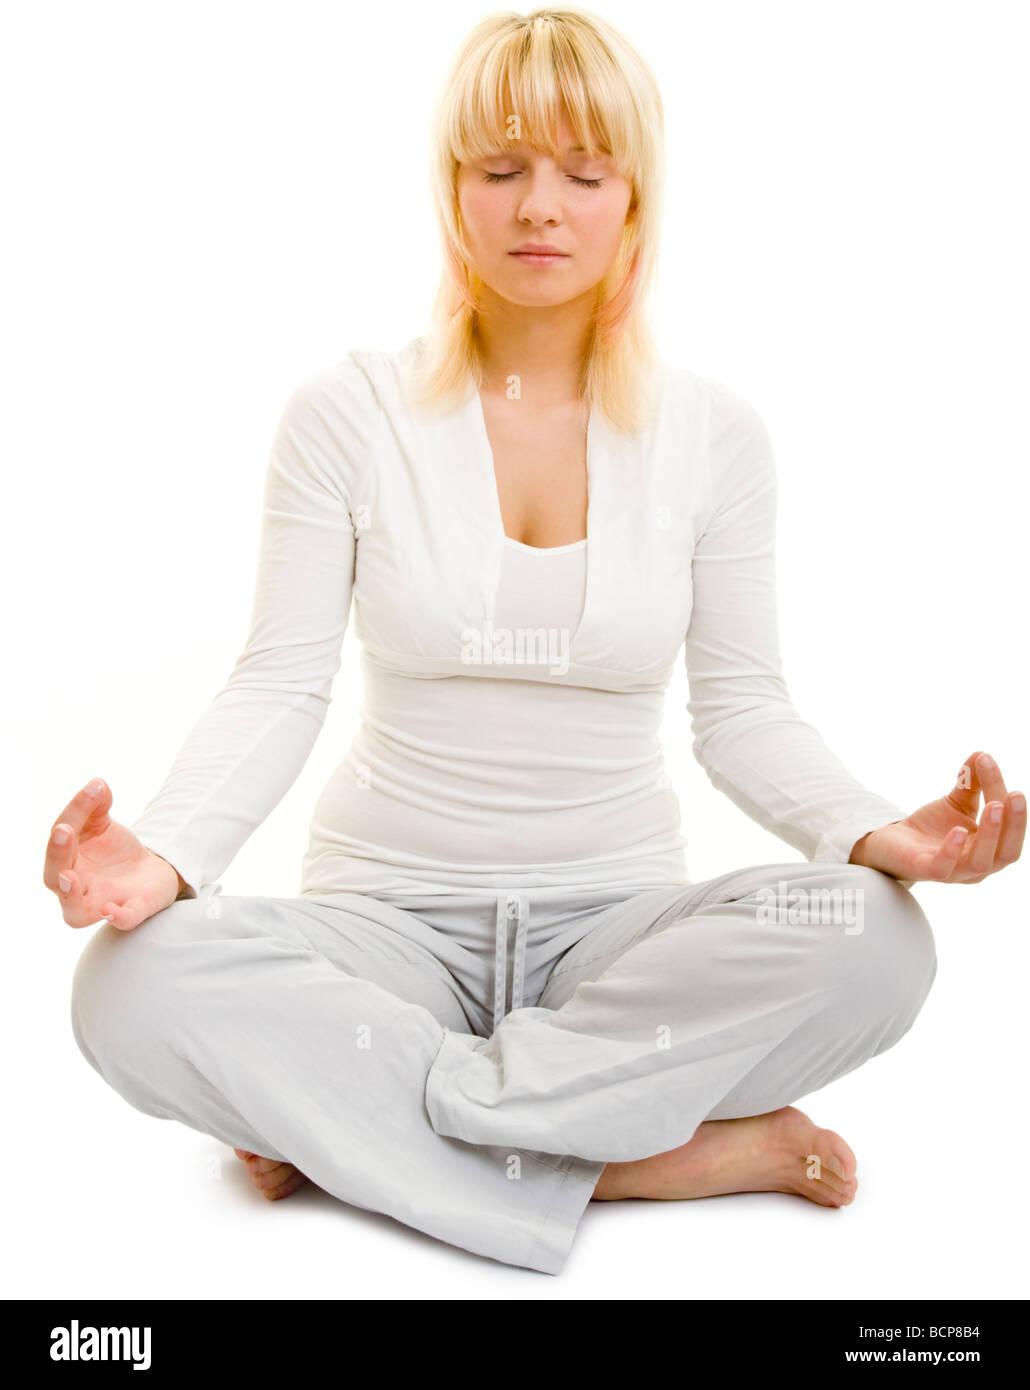 Junge Frau meditiert im Schneidersitz mit geschlossenen Augen - Stock Image